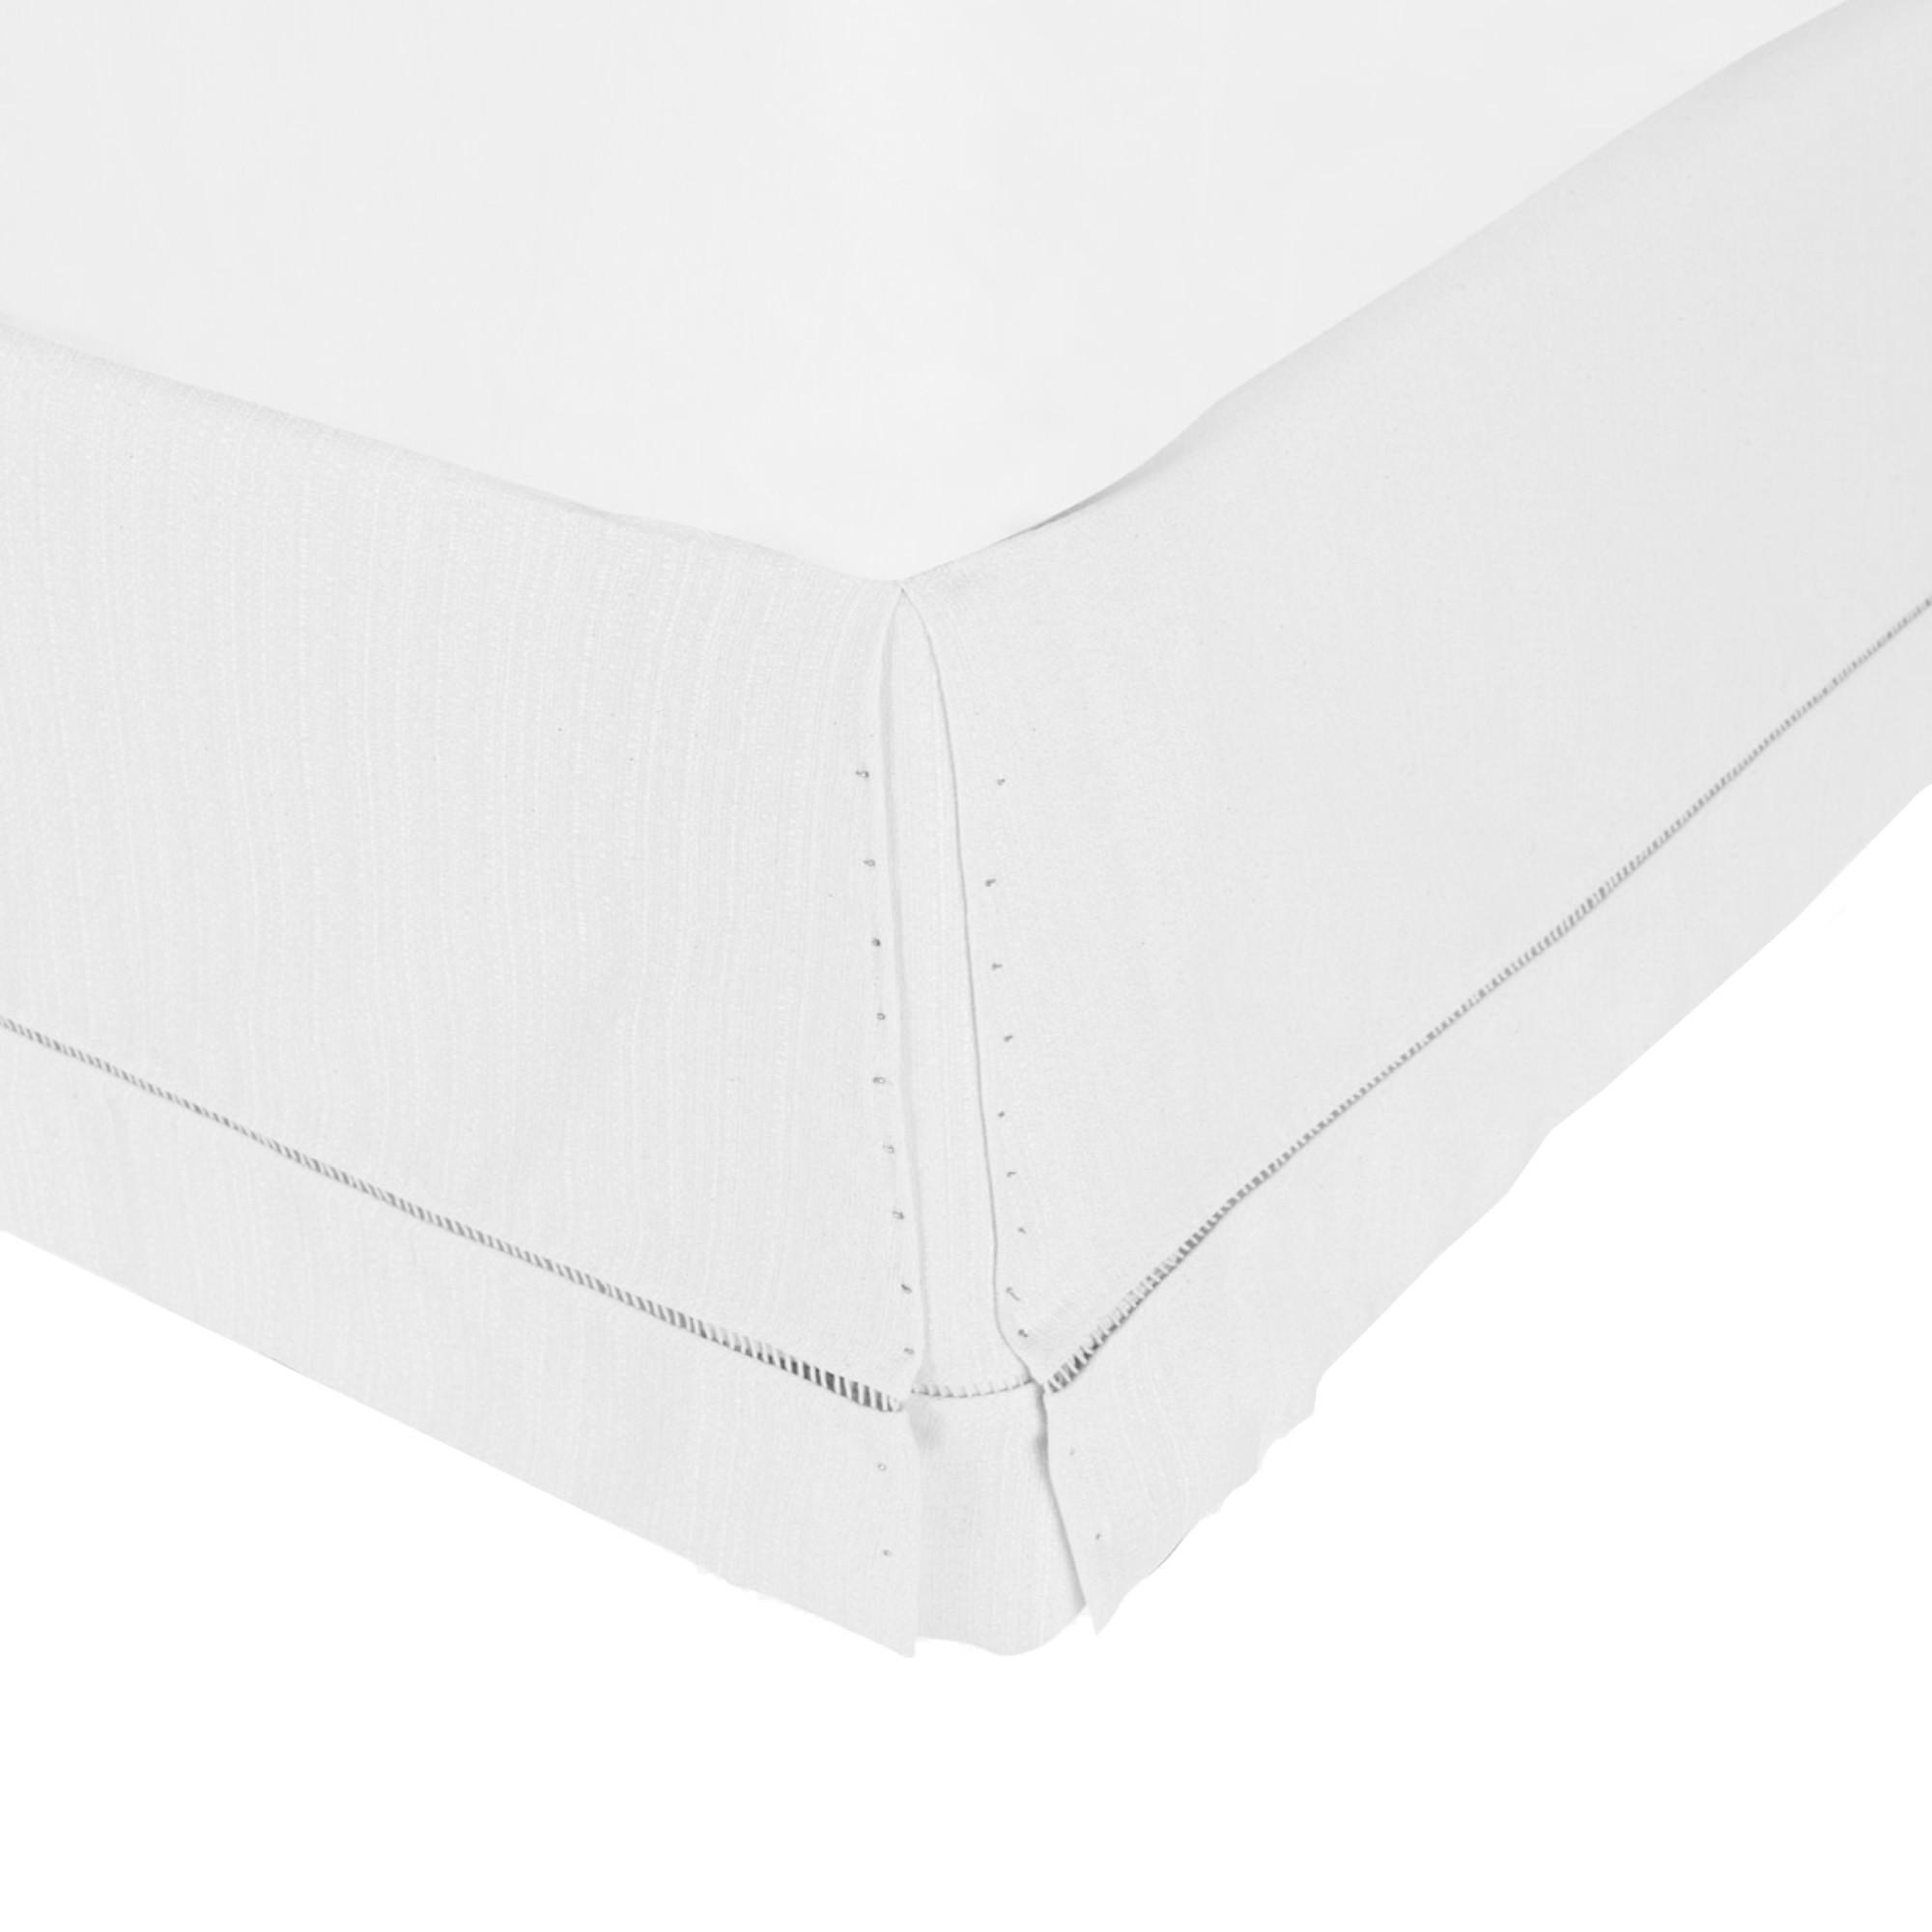 Saia para Cama Box com Ponto Palito Branca [Solteirão 097 x 203 cm]